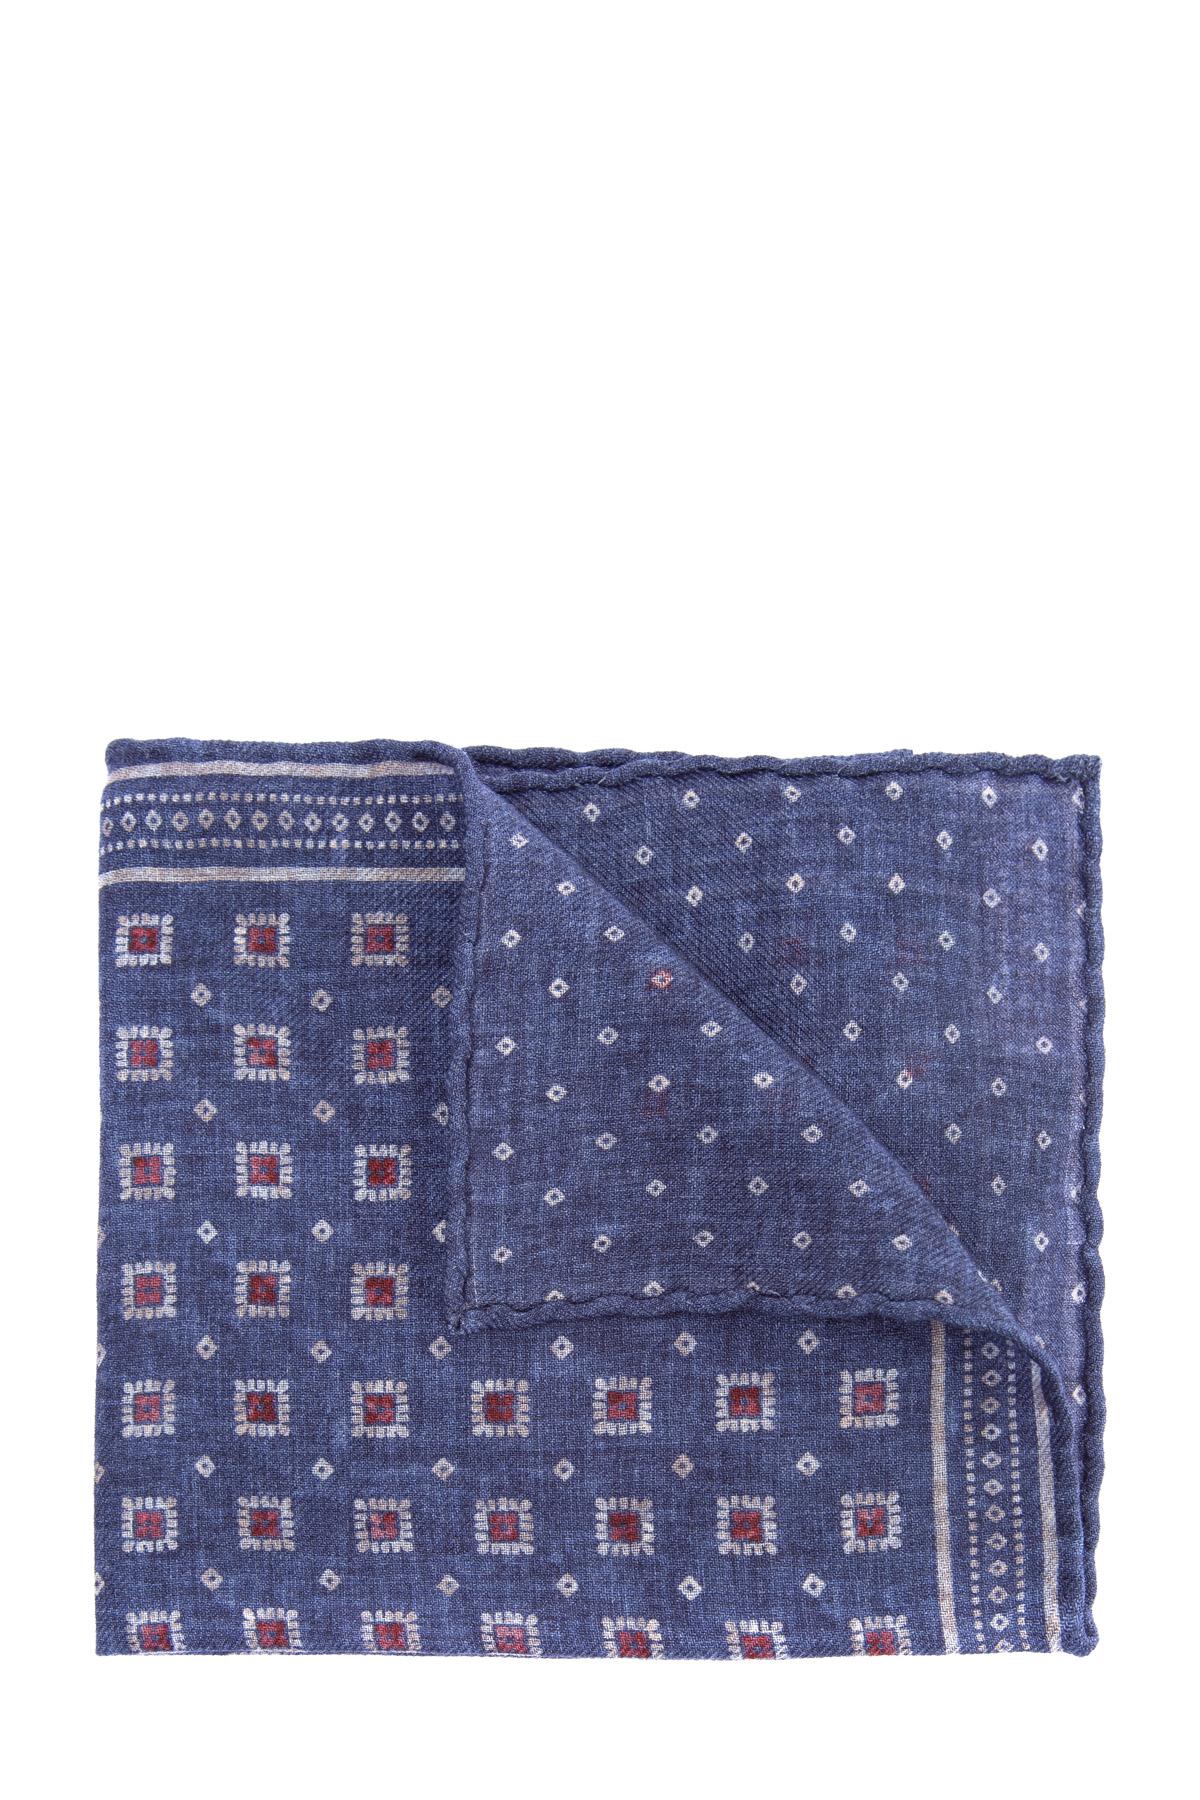 Двусторонний платок-паше из шерстяной ткани фото